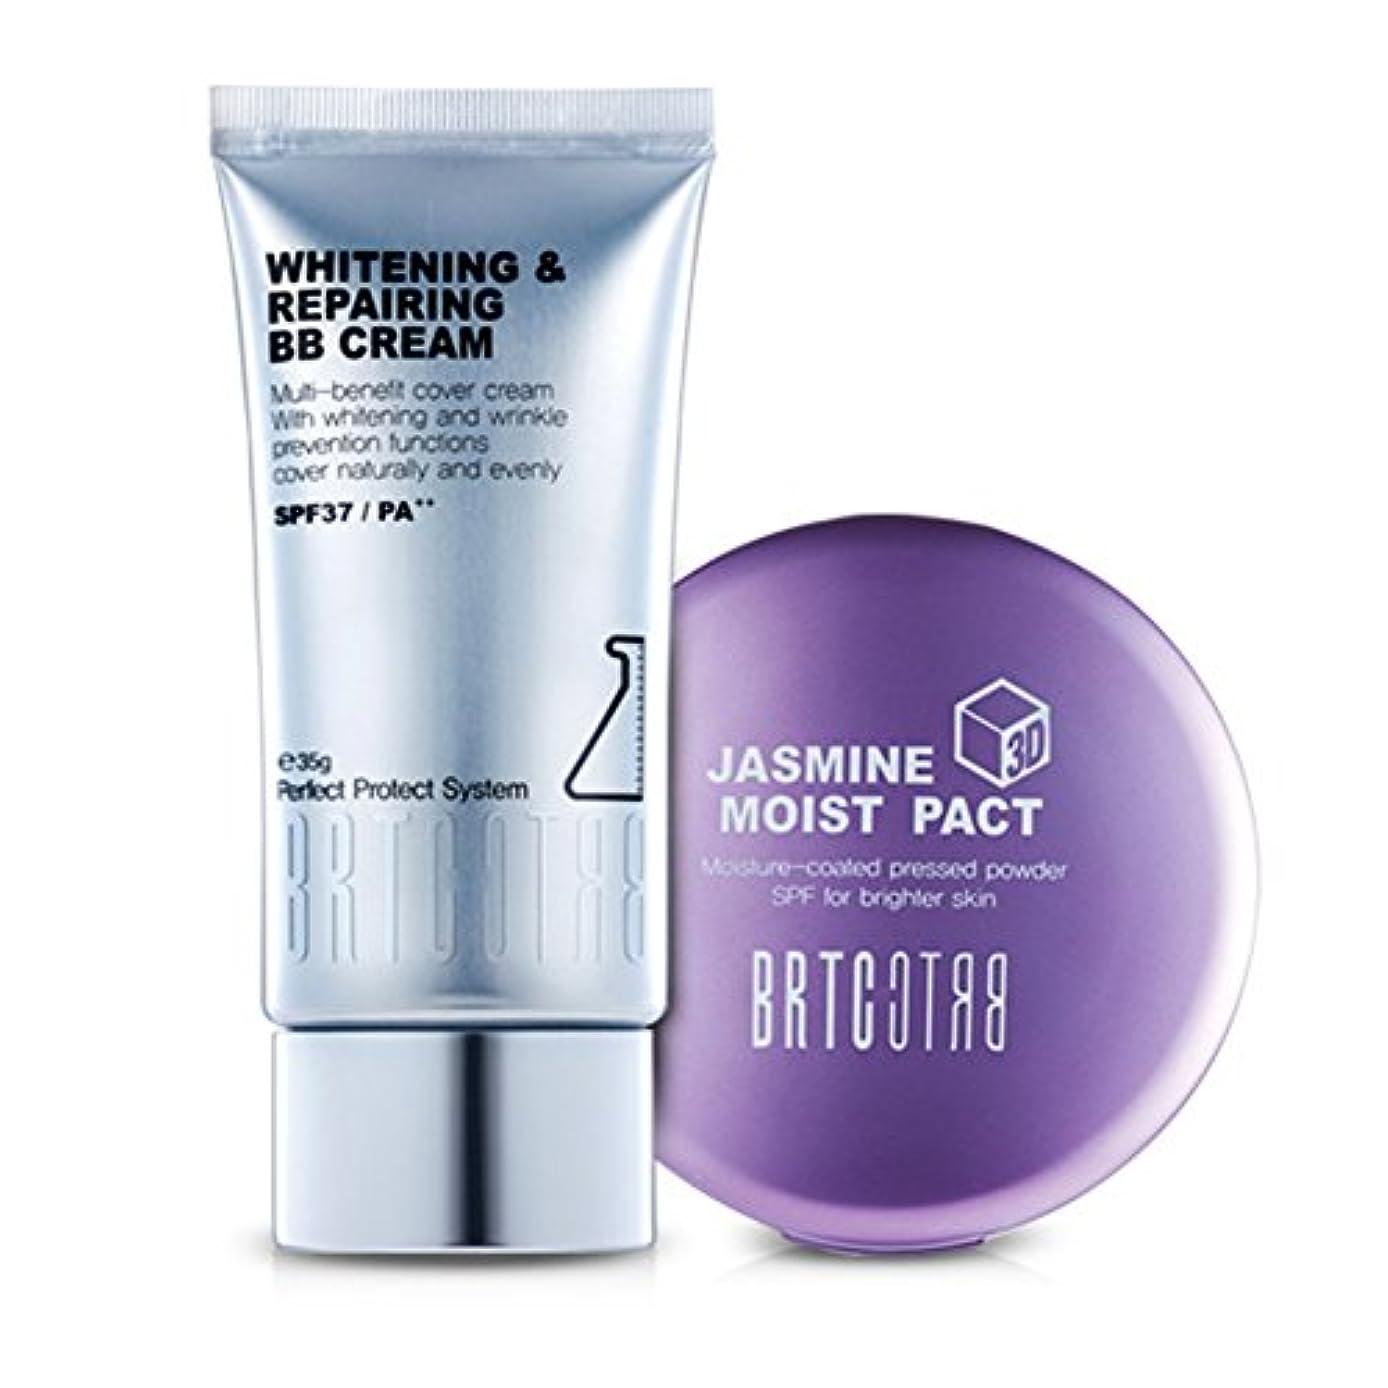 ピーブ電圧大気【BRTC/非アルティ時】Whitening&Moisture Make Up Setホワイトニングビビ水分ファクト35g 13g[BB Cream+ Moist Pact Set](海外直送品)